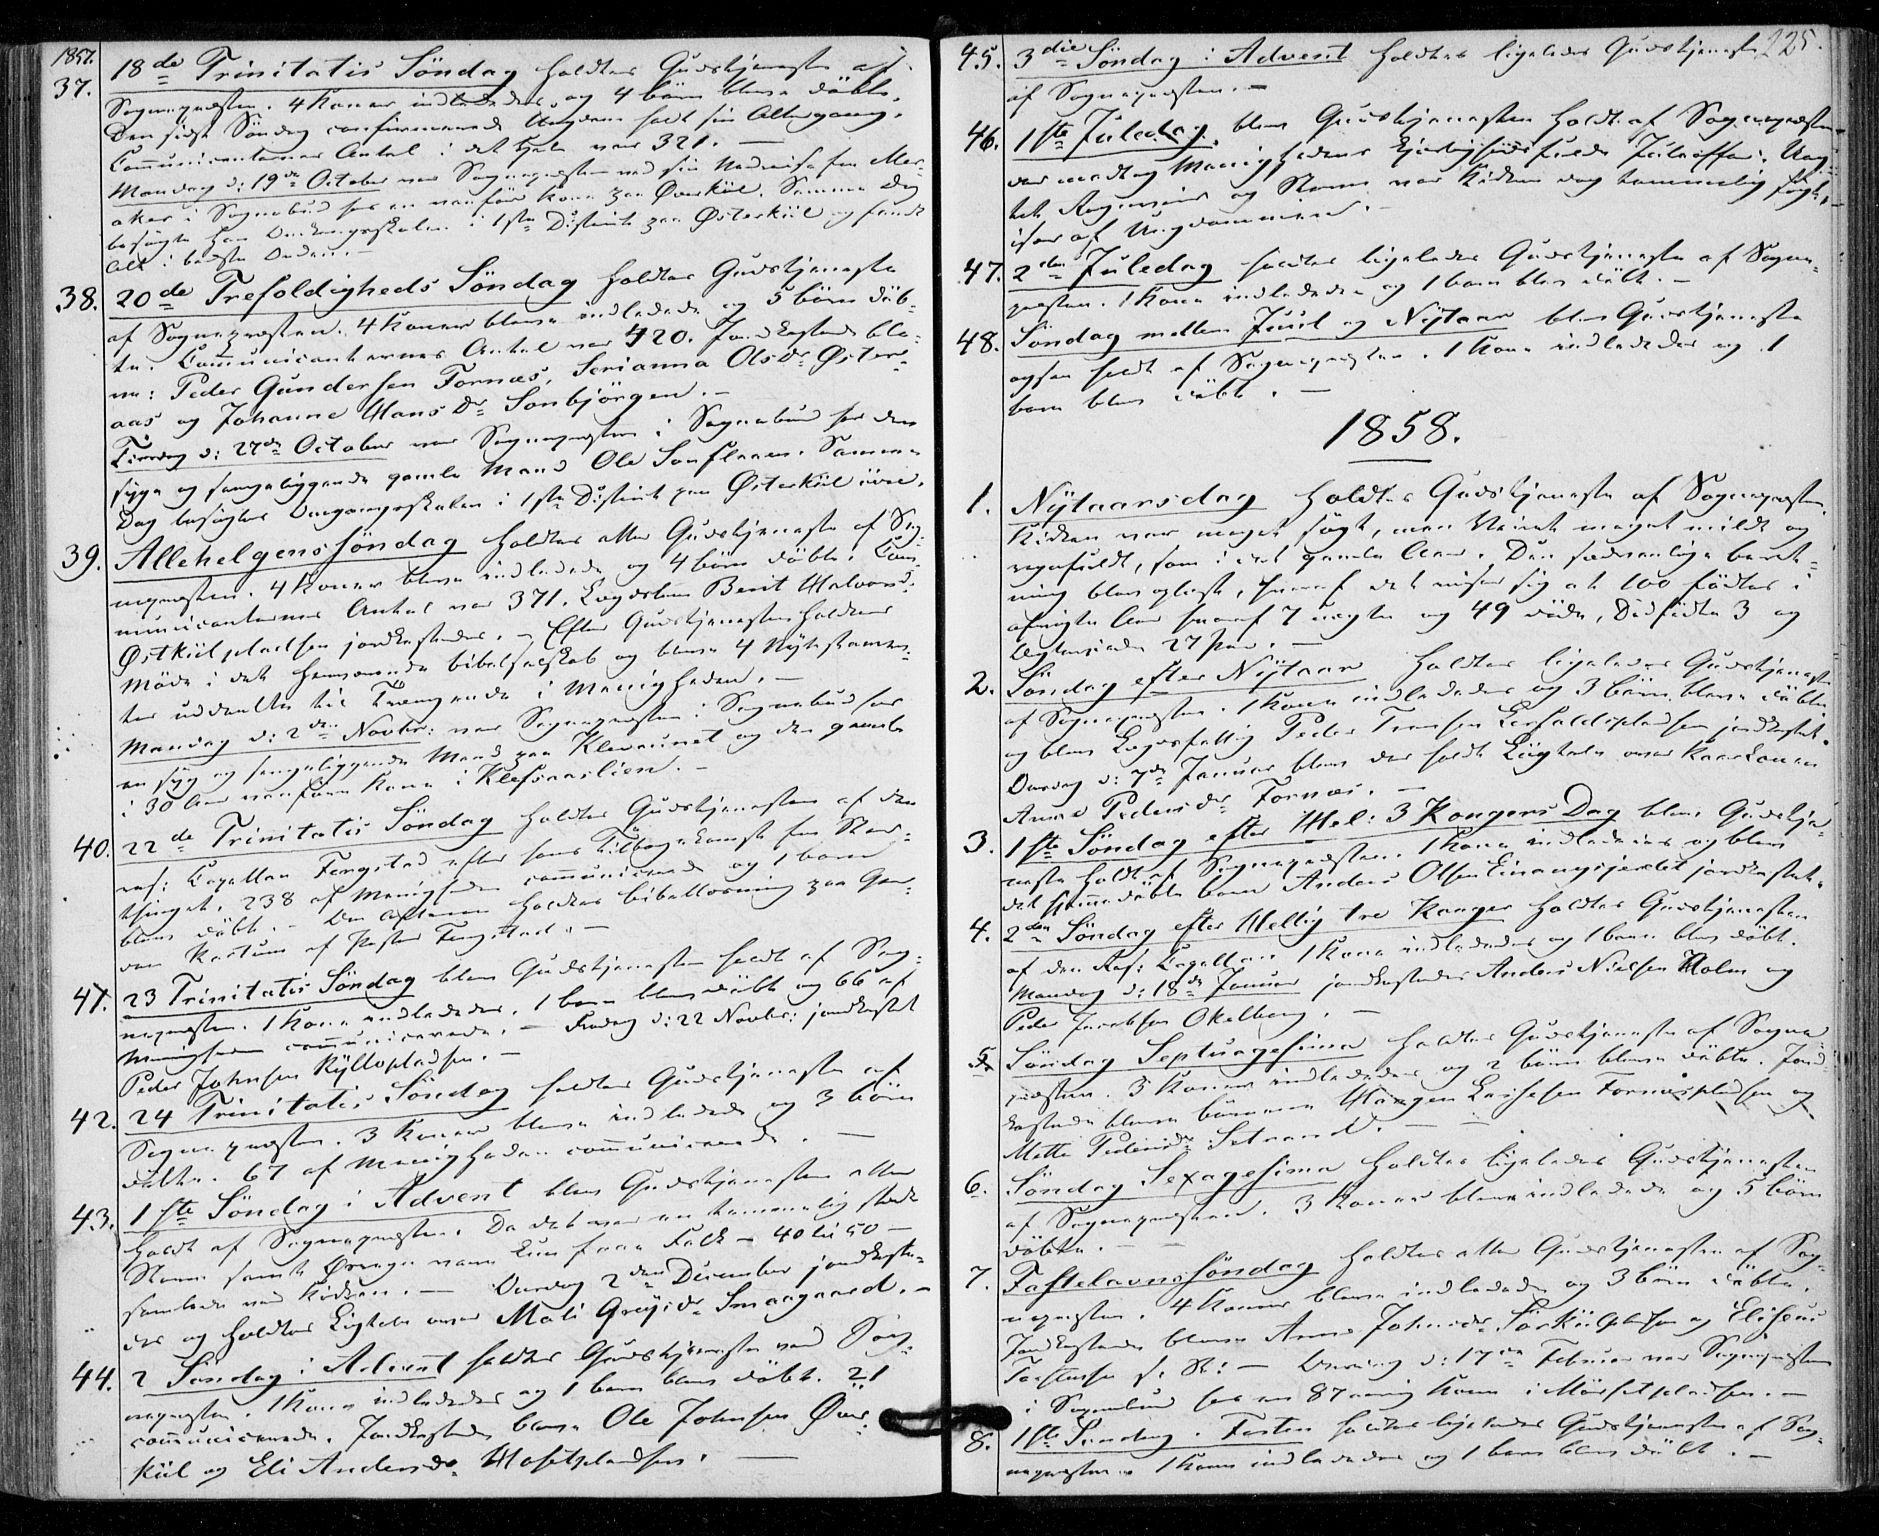 SAT, Ministerialprotokoller, klokkerbøker og fødselsregistre - Nord-Trøndelag, 703/L0028: Ministerialbok nr. 703A01, 1850-1862, s. 225